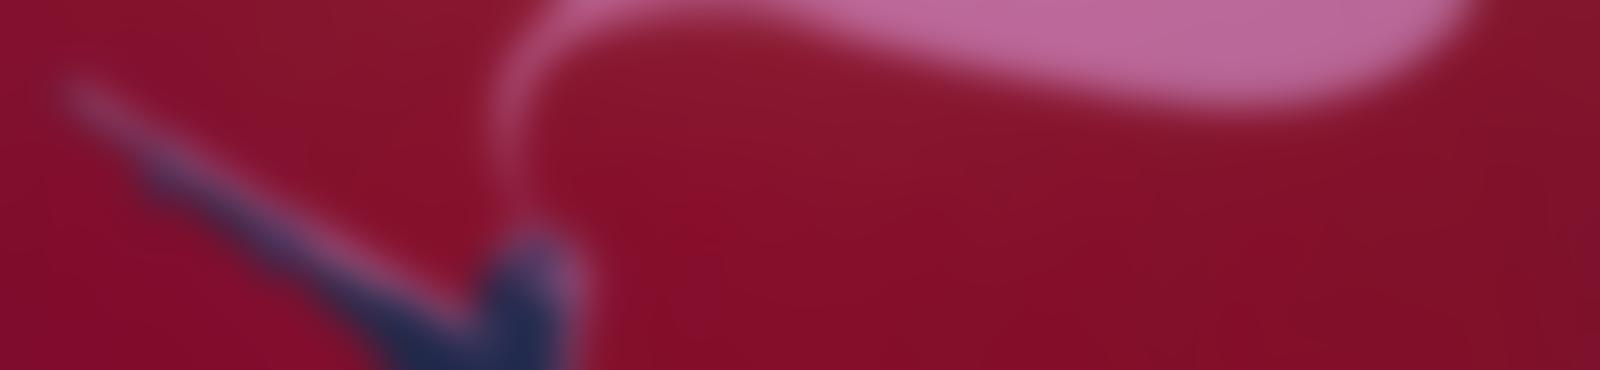 Blurred eec4dff6 c7dc 451d 898a 2d01f8d9b586